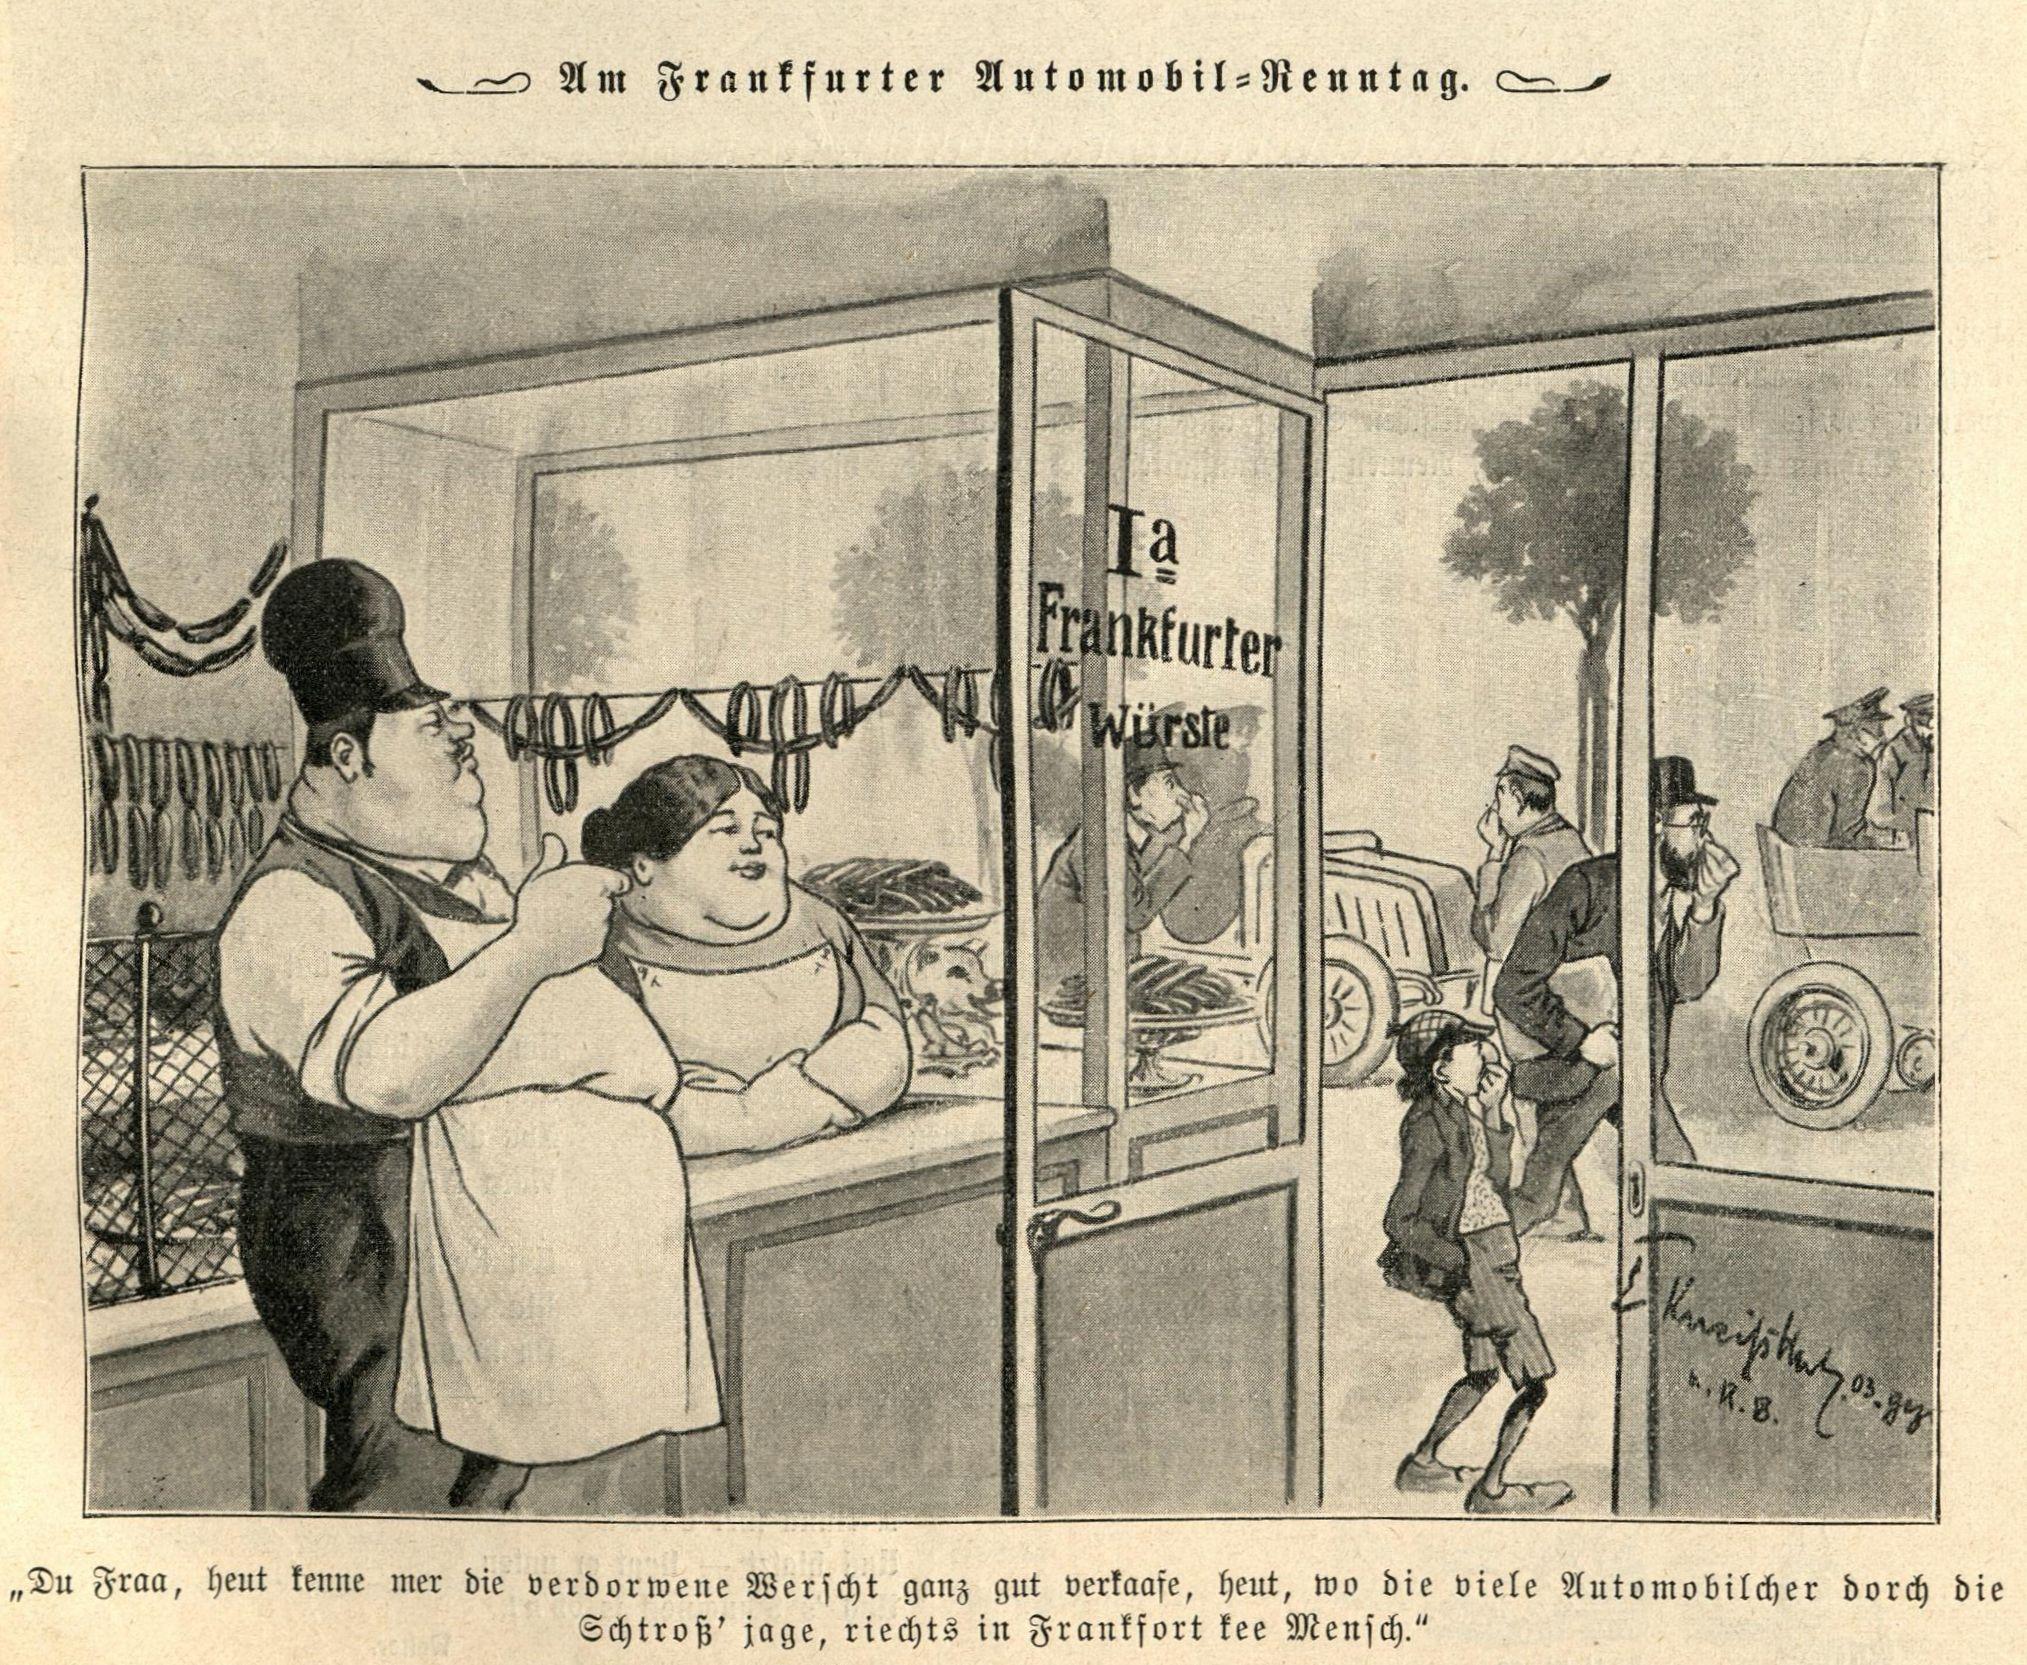 Ein Frankfurter Metzgermeister will auch verdorbene Würste verkaufen, da die Automobile den Gestank übertönen